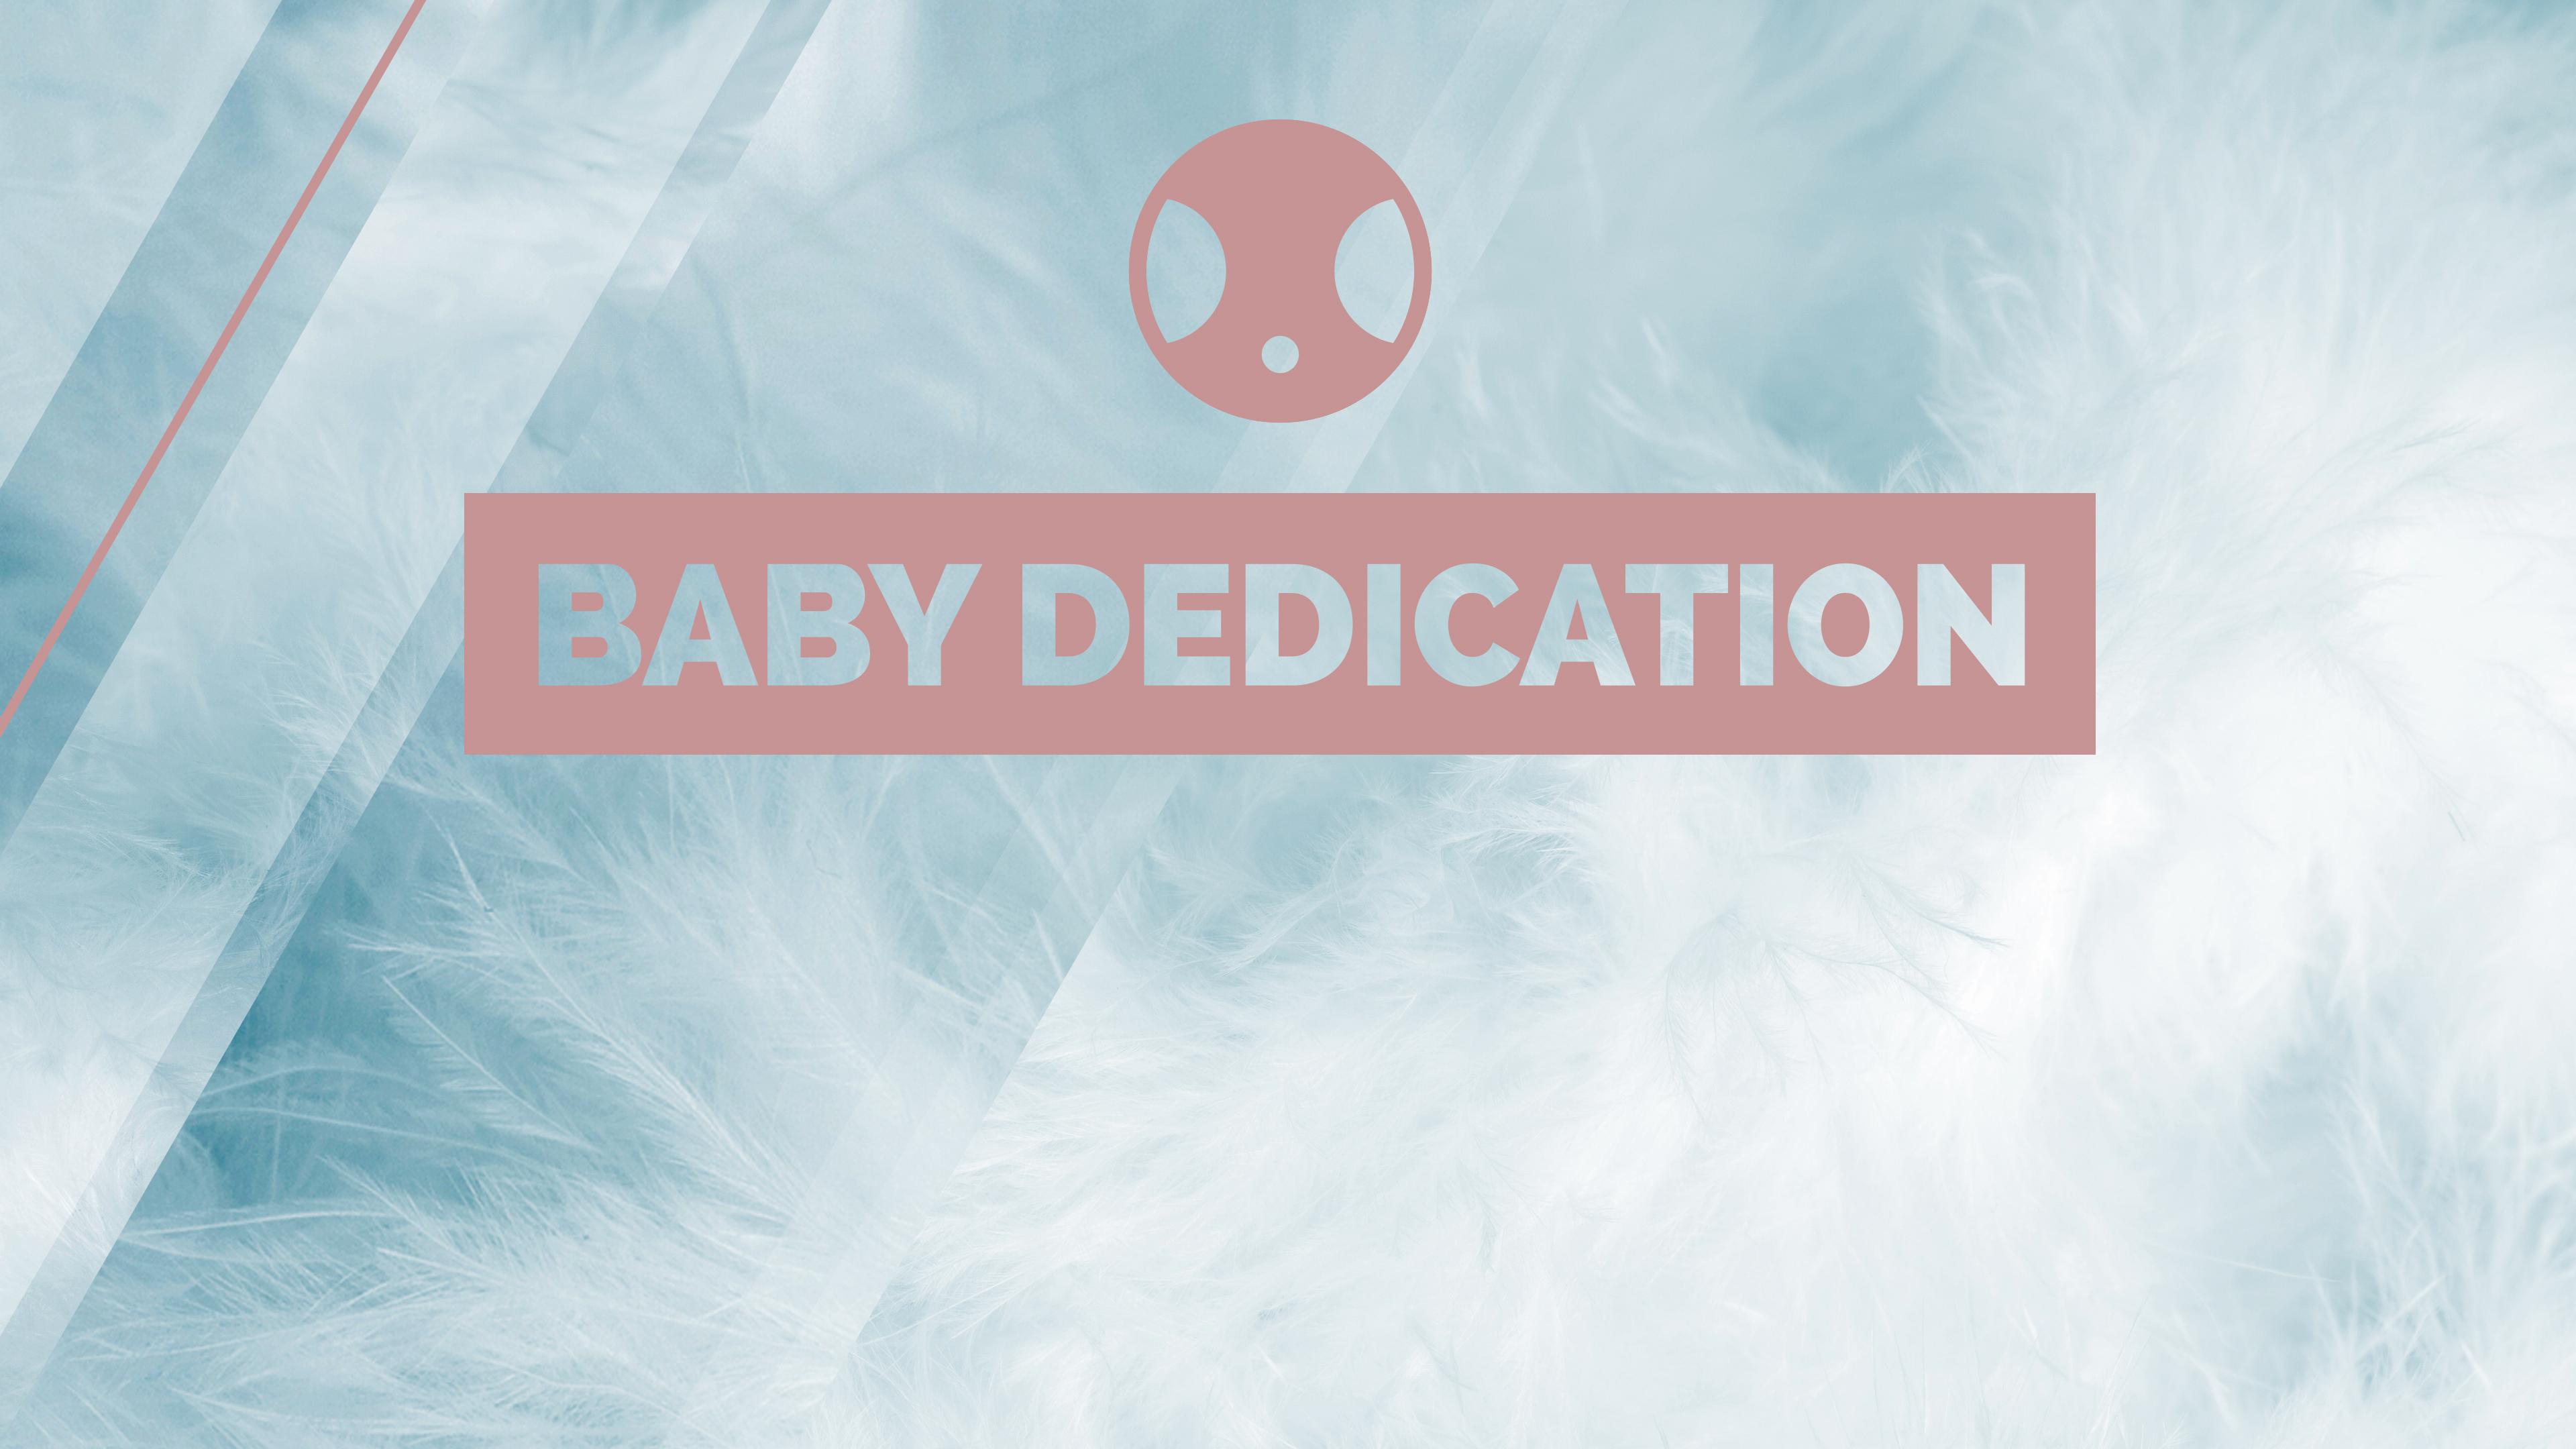 Baby dedication 2